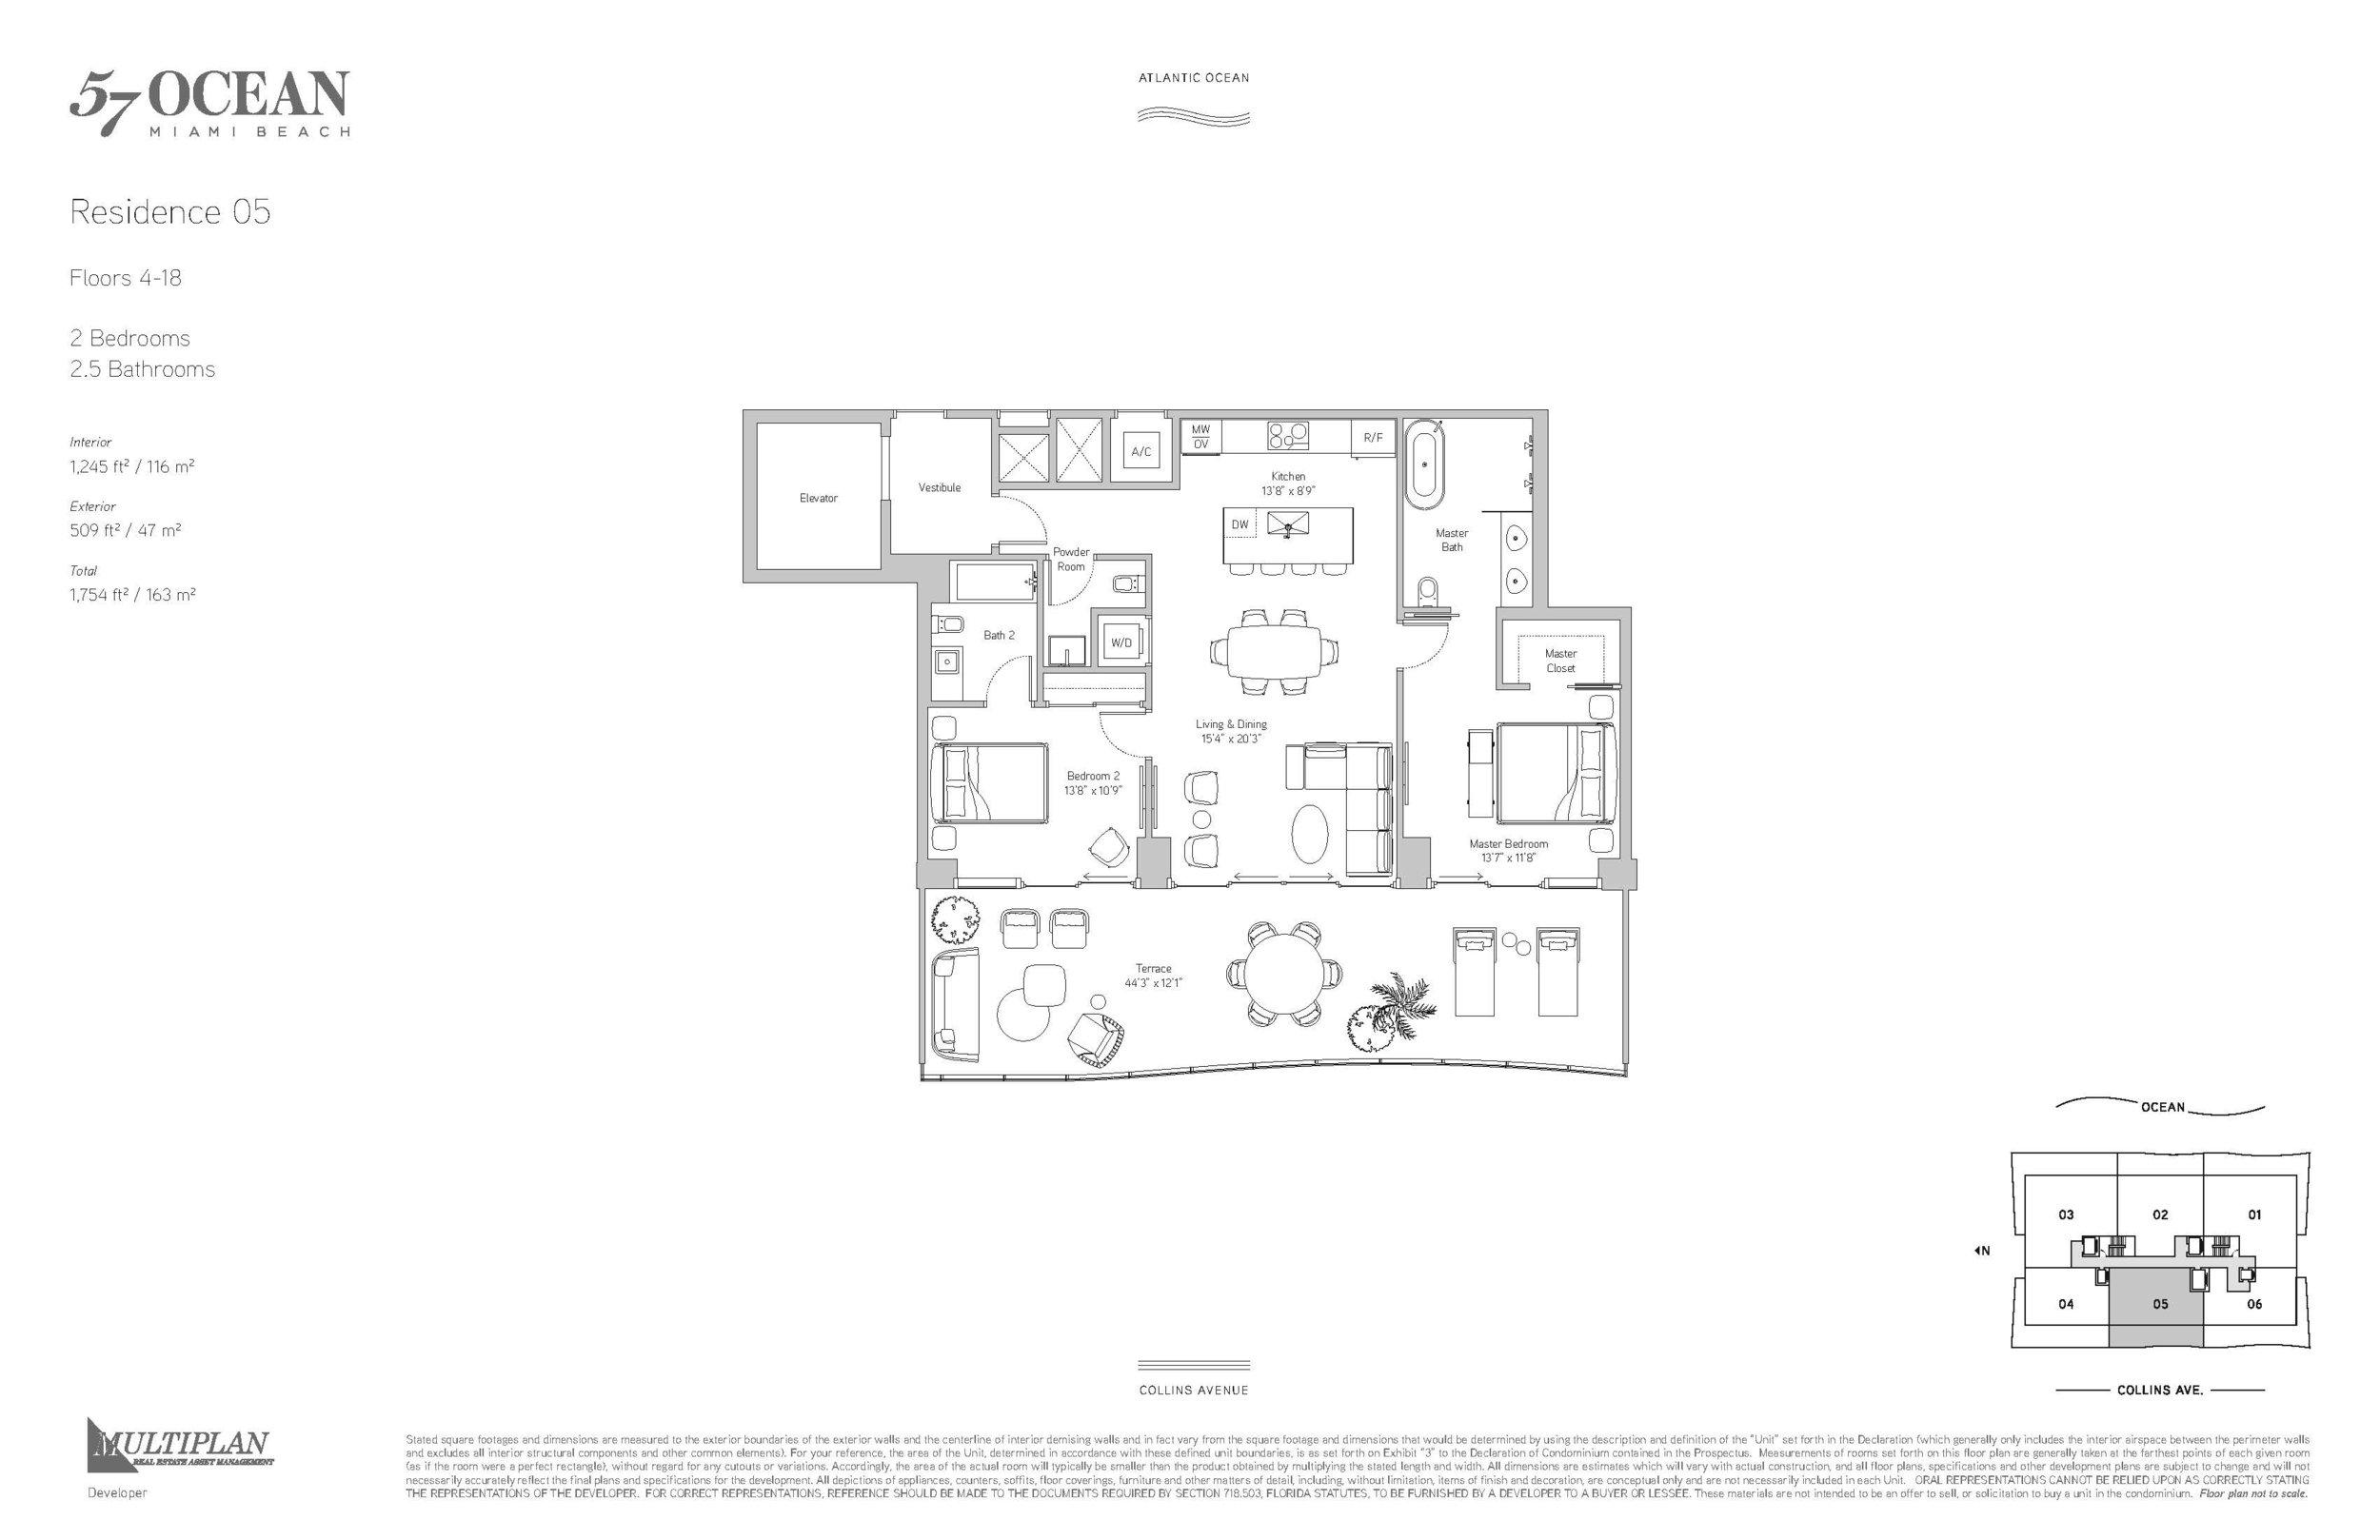 57 Ocean Floor Plans - 2 Bedrooms 05-Line